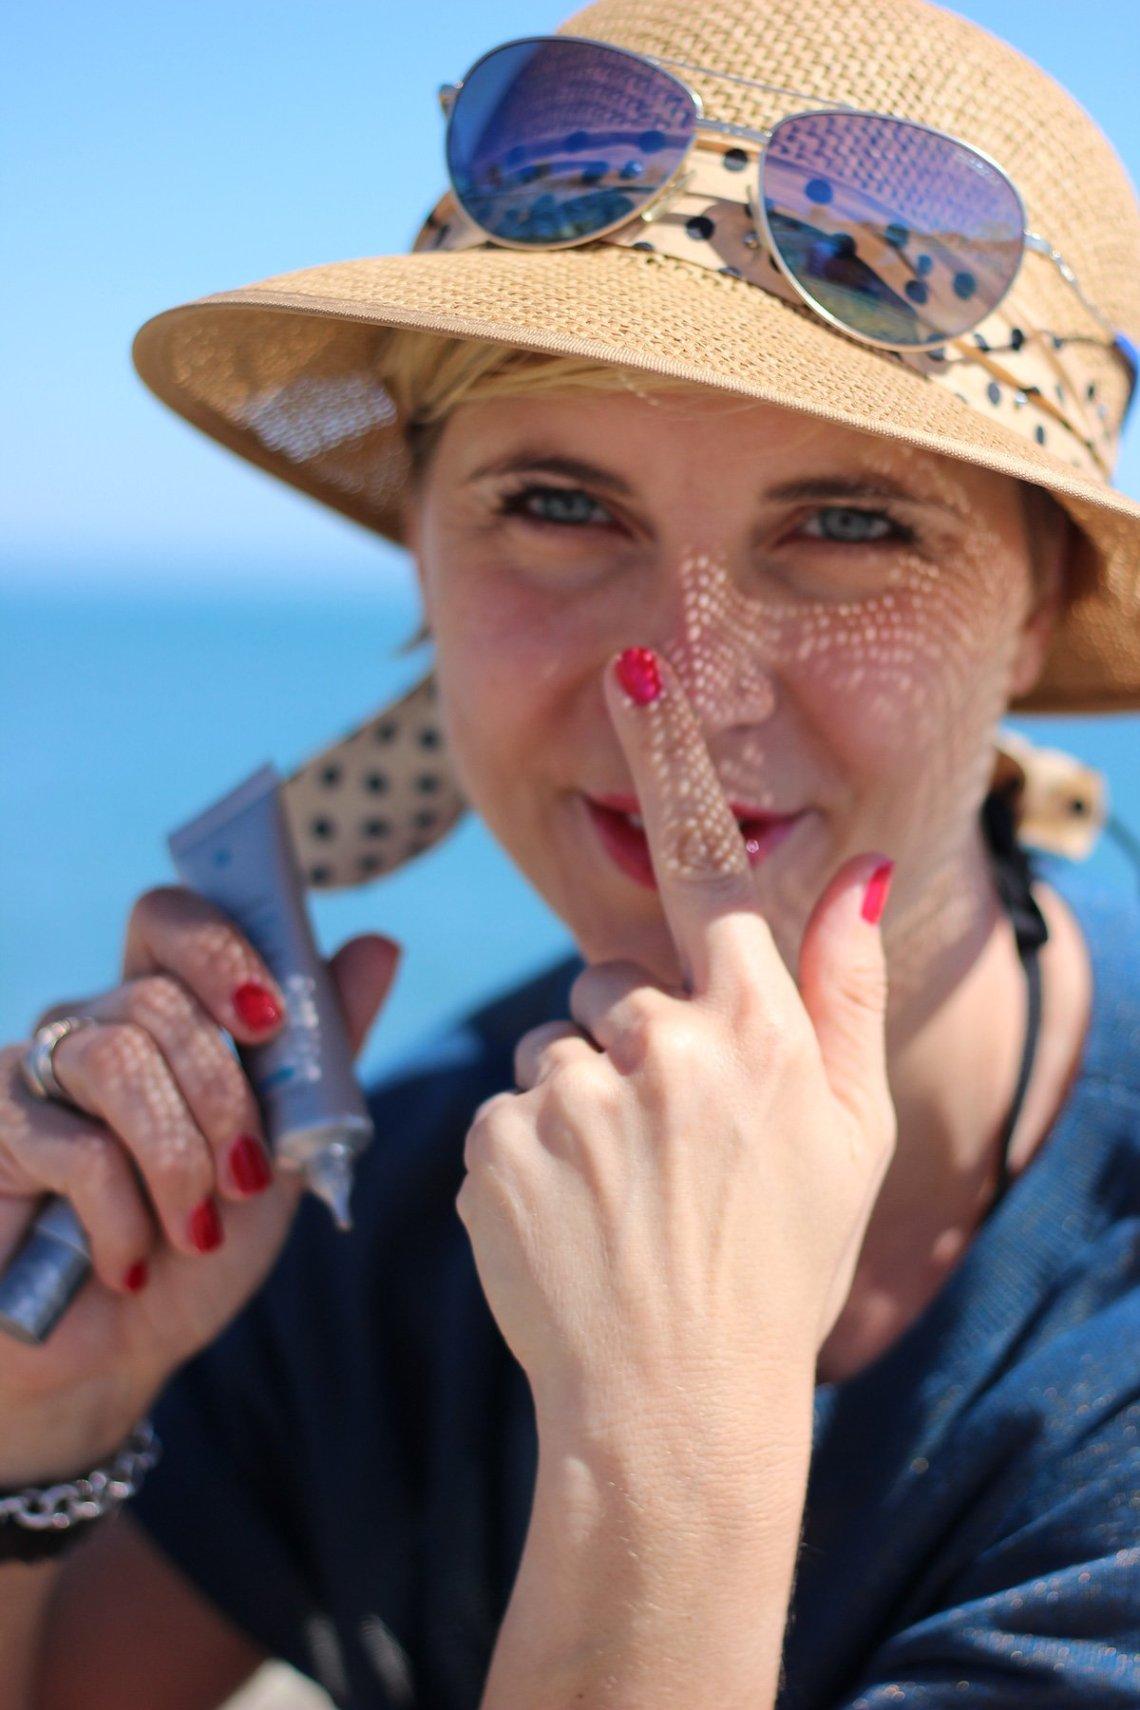 Sonnschutz fürs Gesicht, Conny Doll, Sonnenhut, Blau, Meer